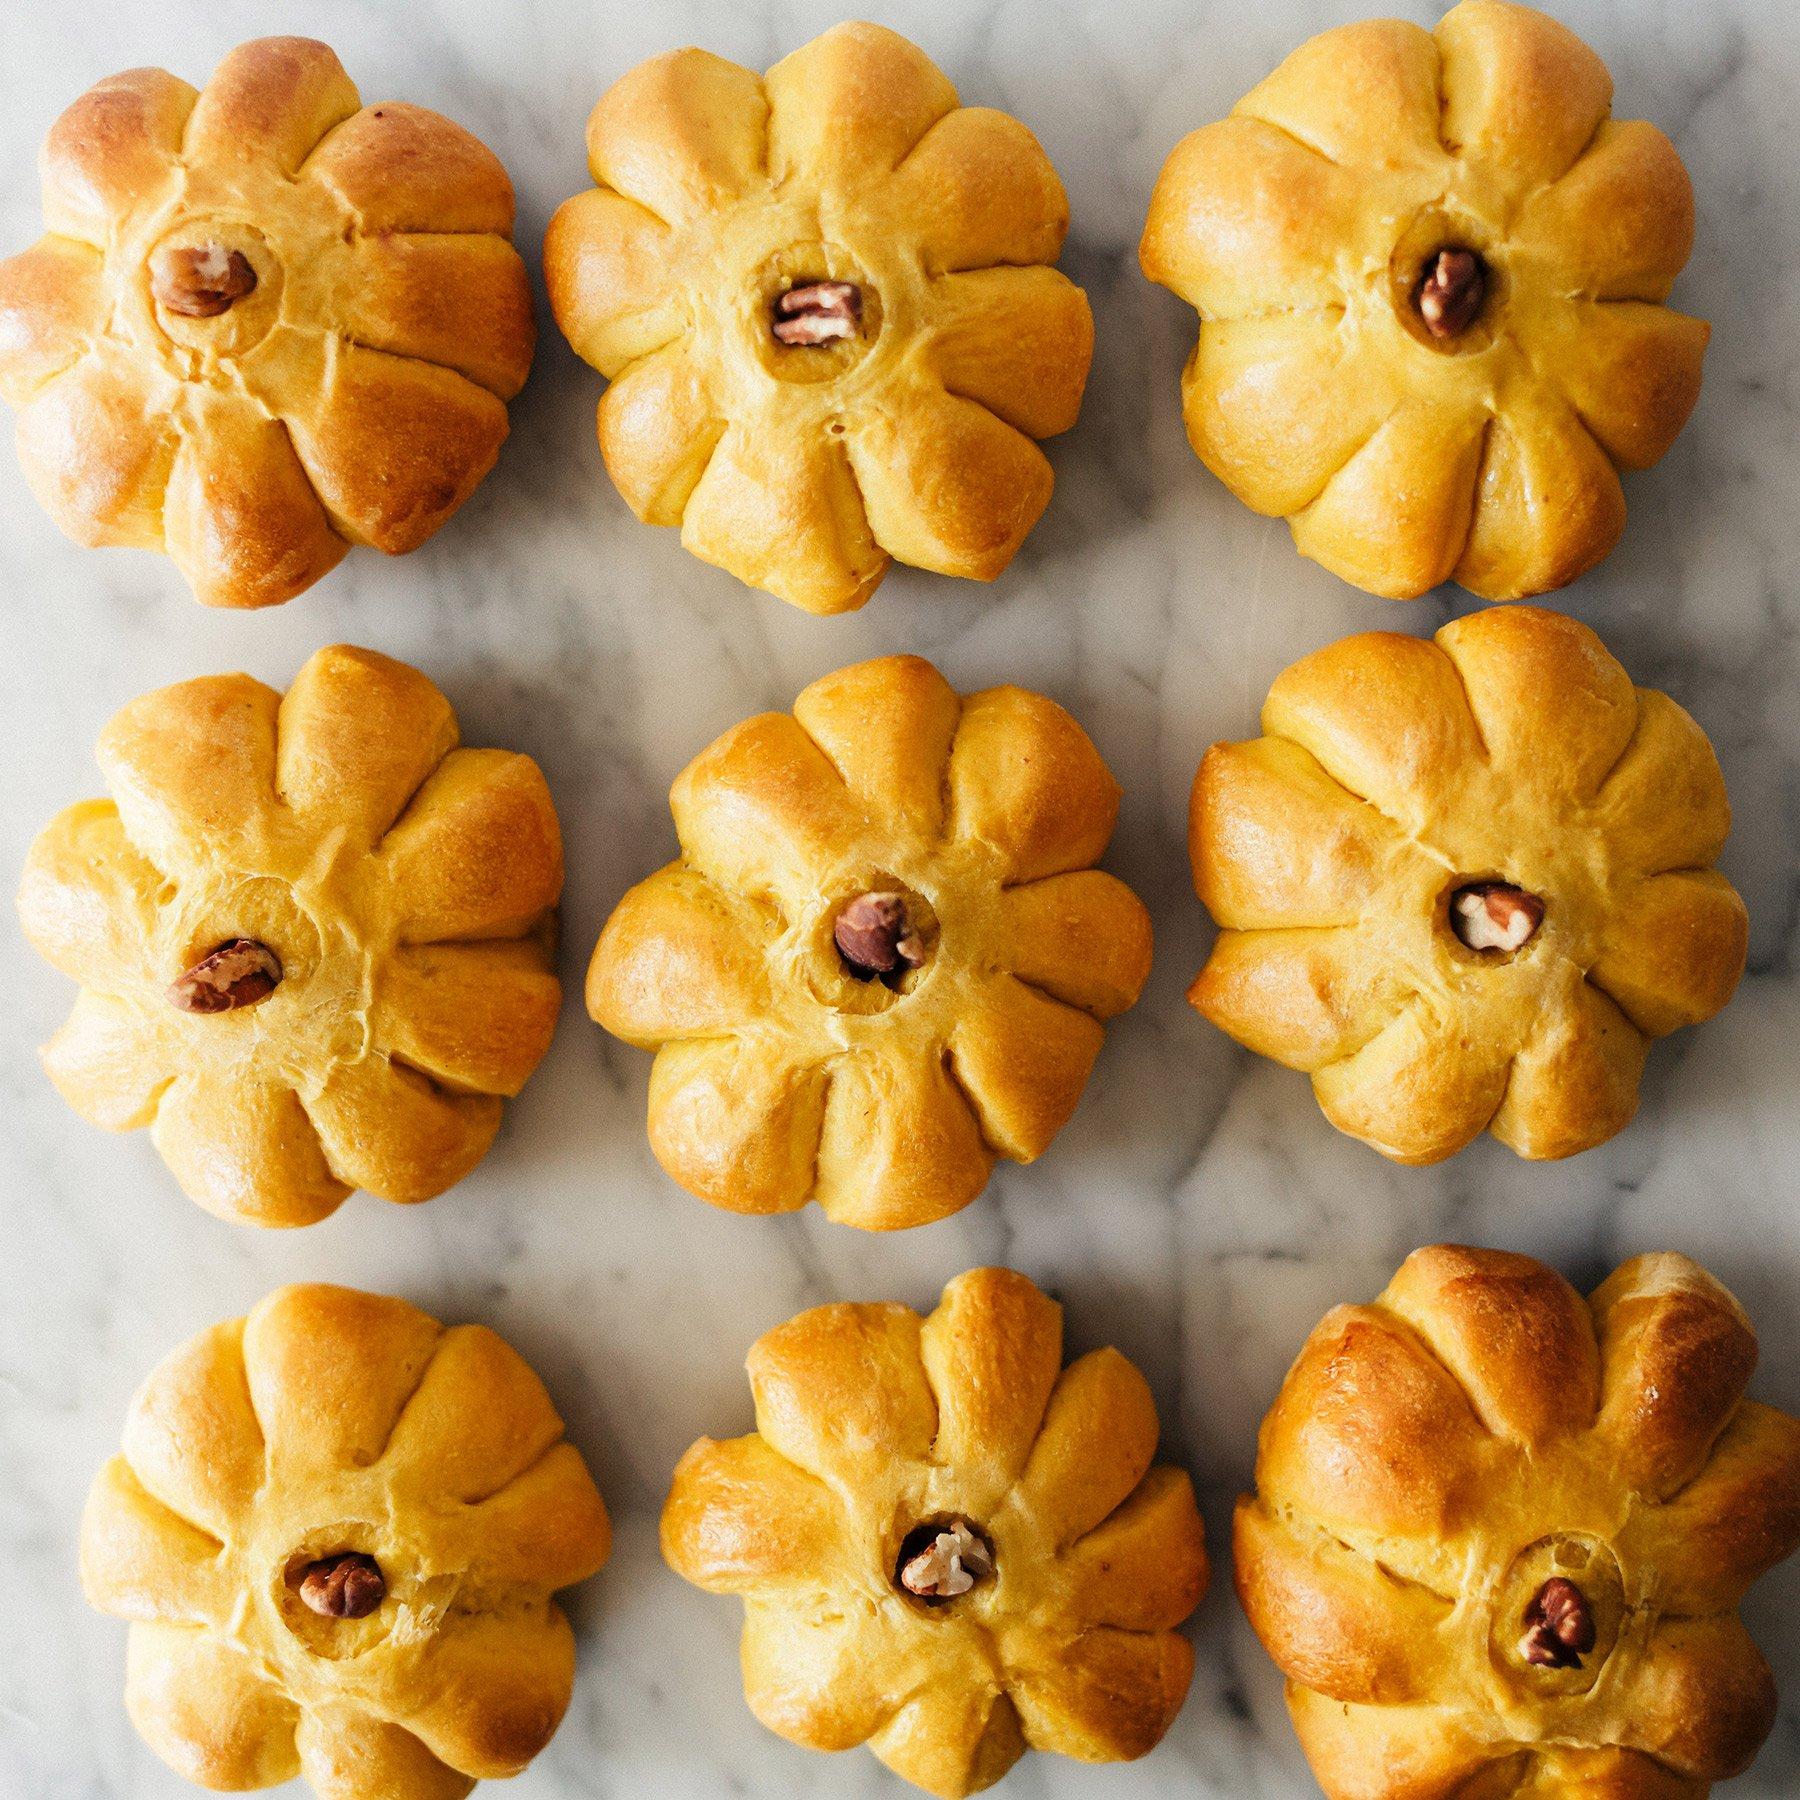 Bật mí cách làm bánh mì bí đỏ dễ làm tại nhà